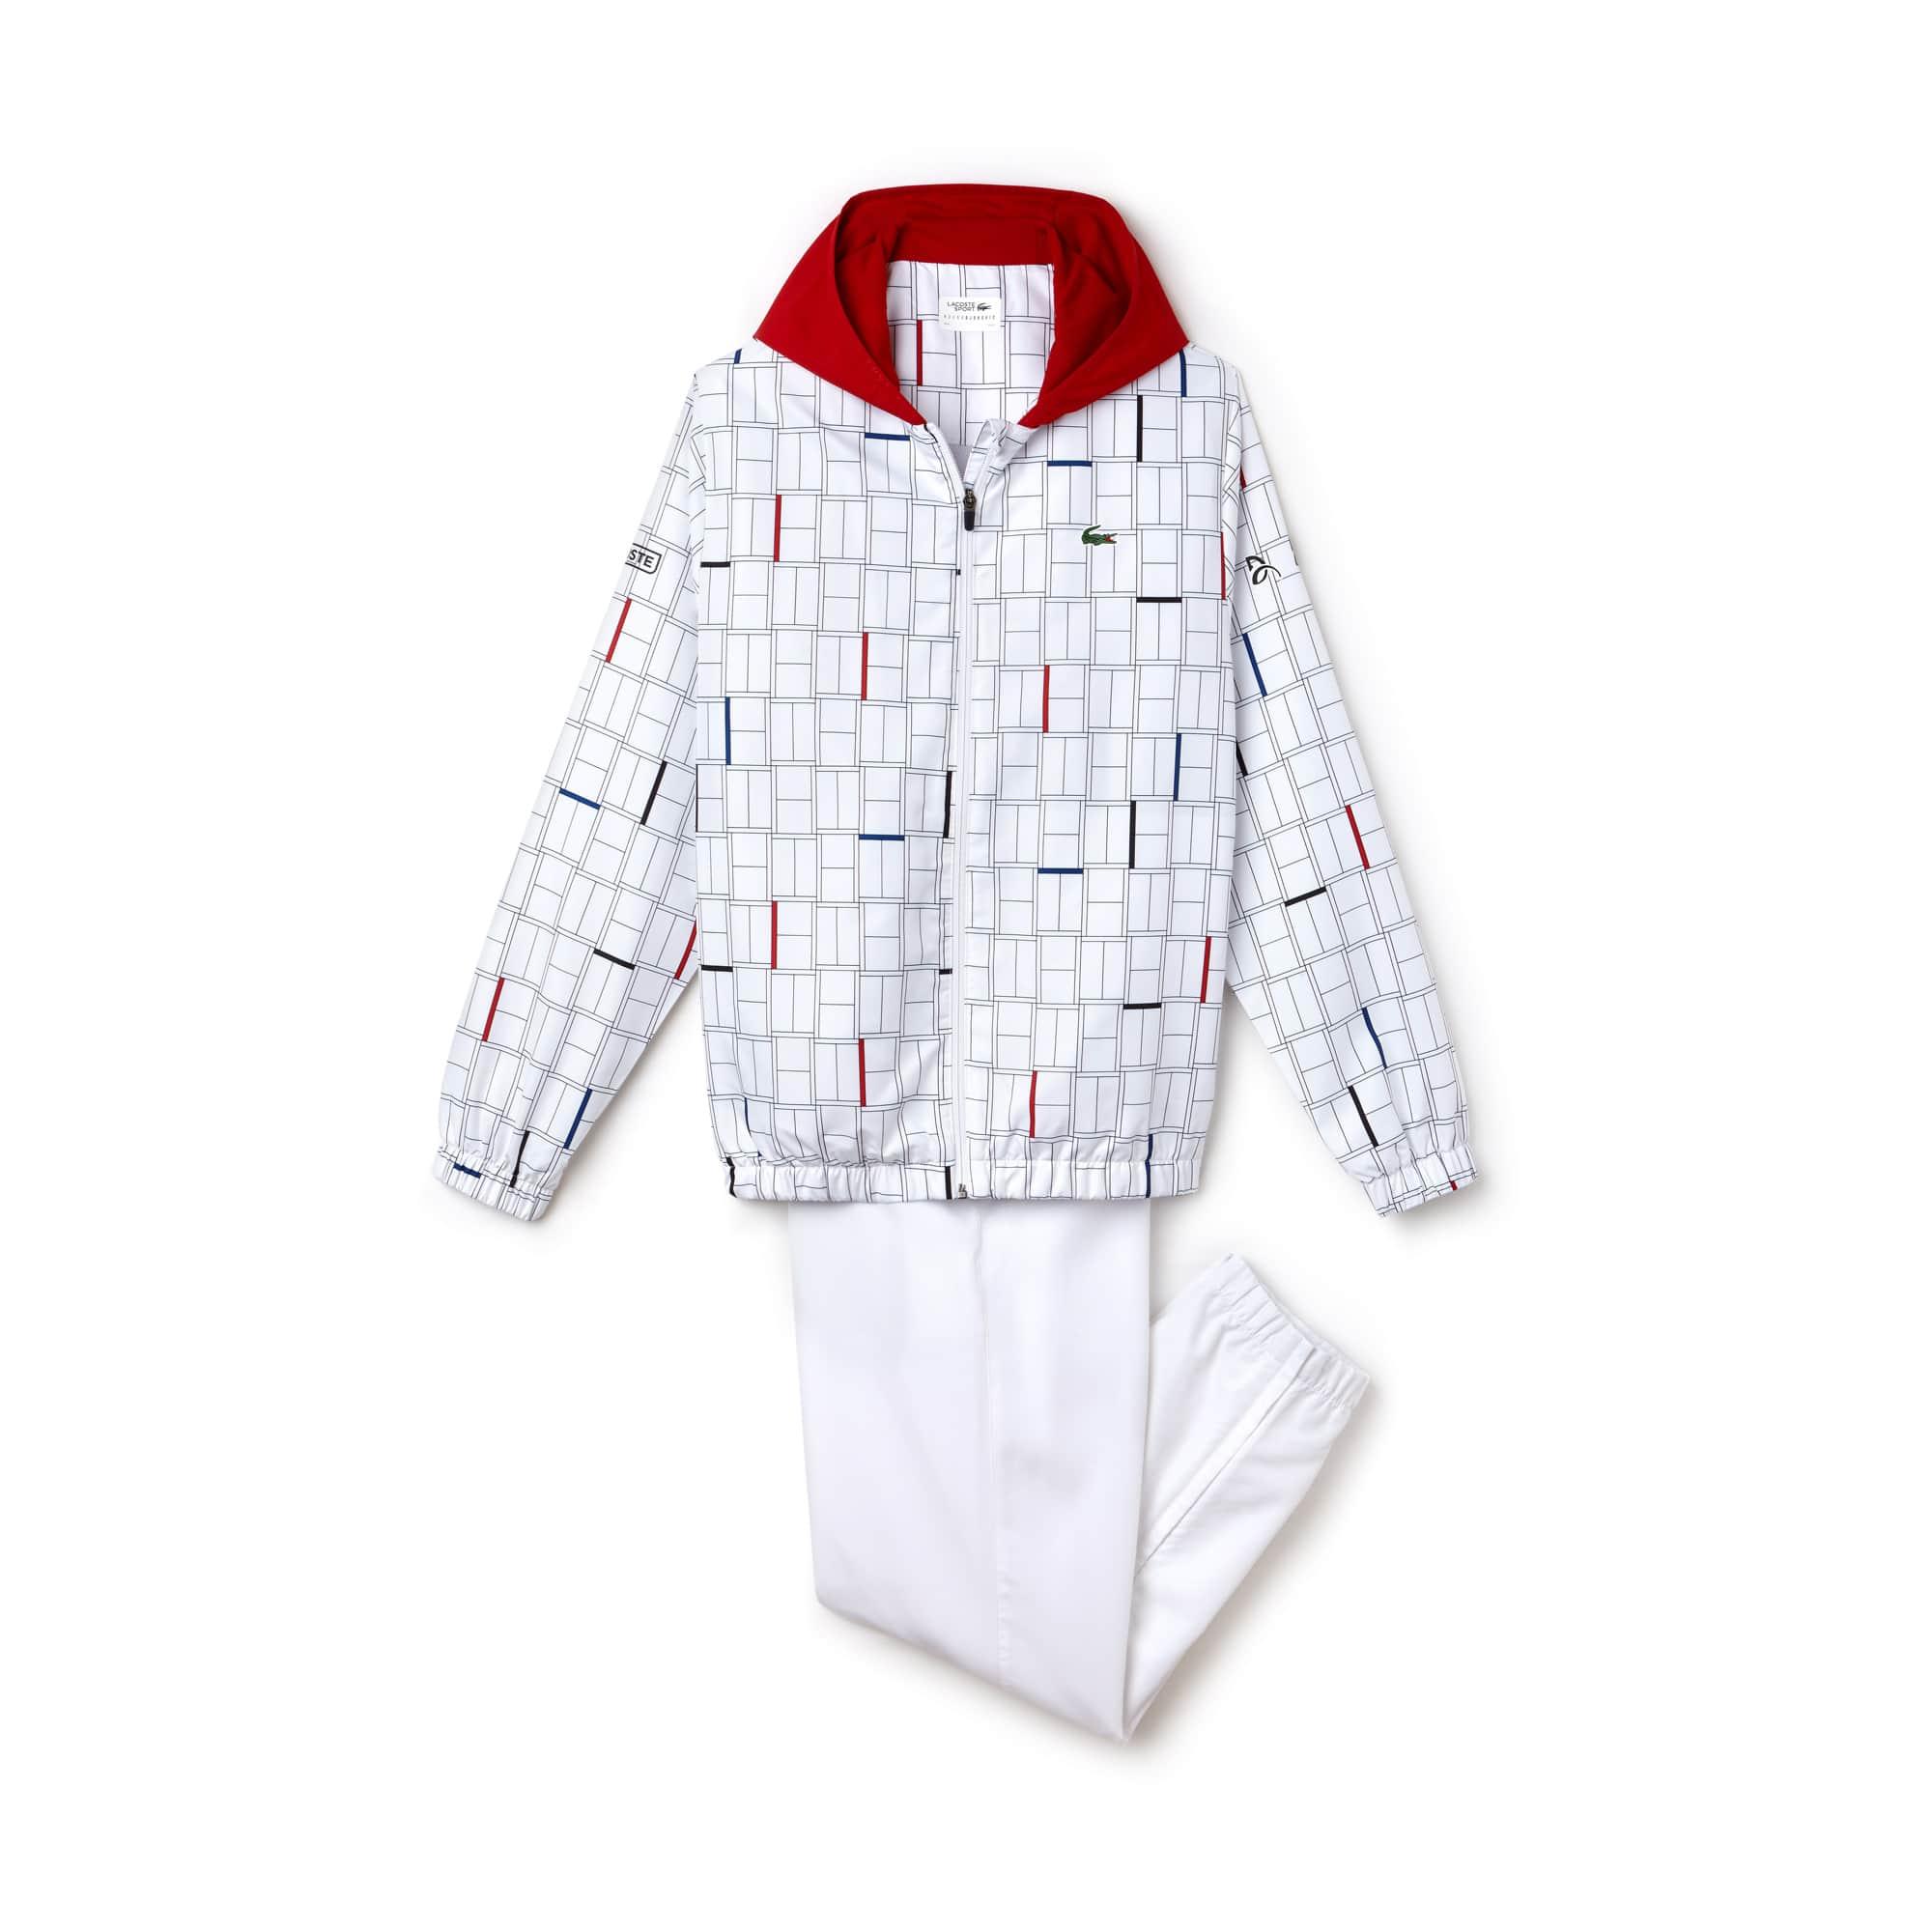 라코스테 스포츠 트랙 수트 Lacoste Mens SPORT Print Tracksuit - Novak Djokovic Collection,white/red-navy-black